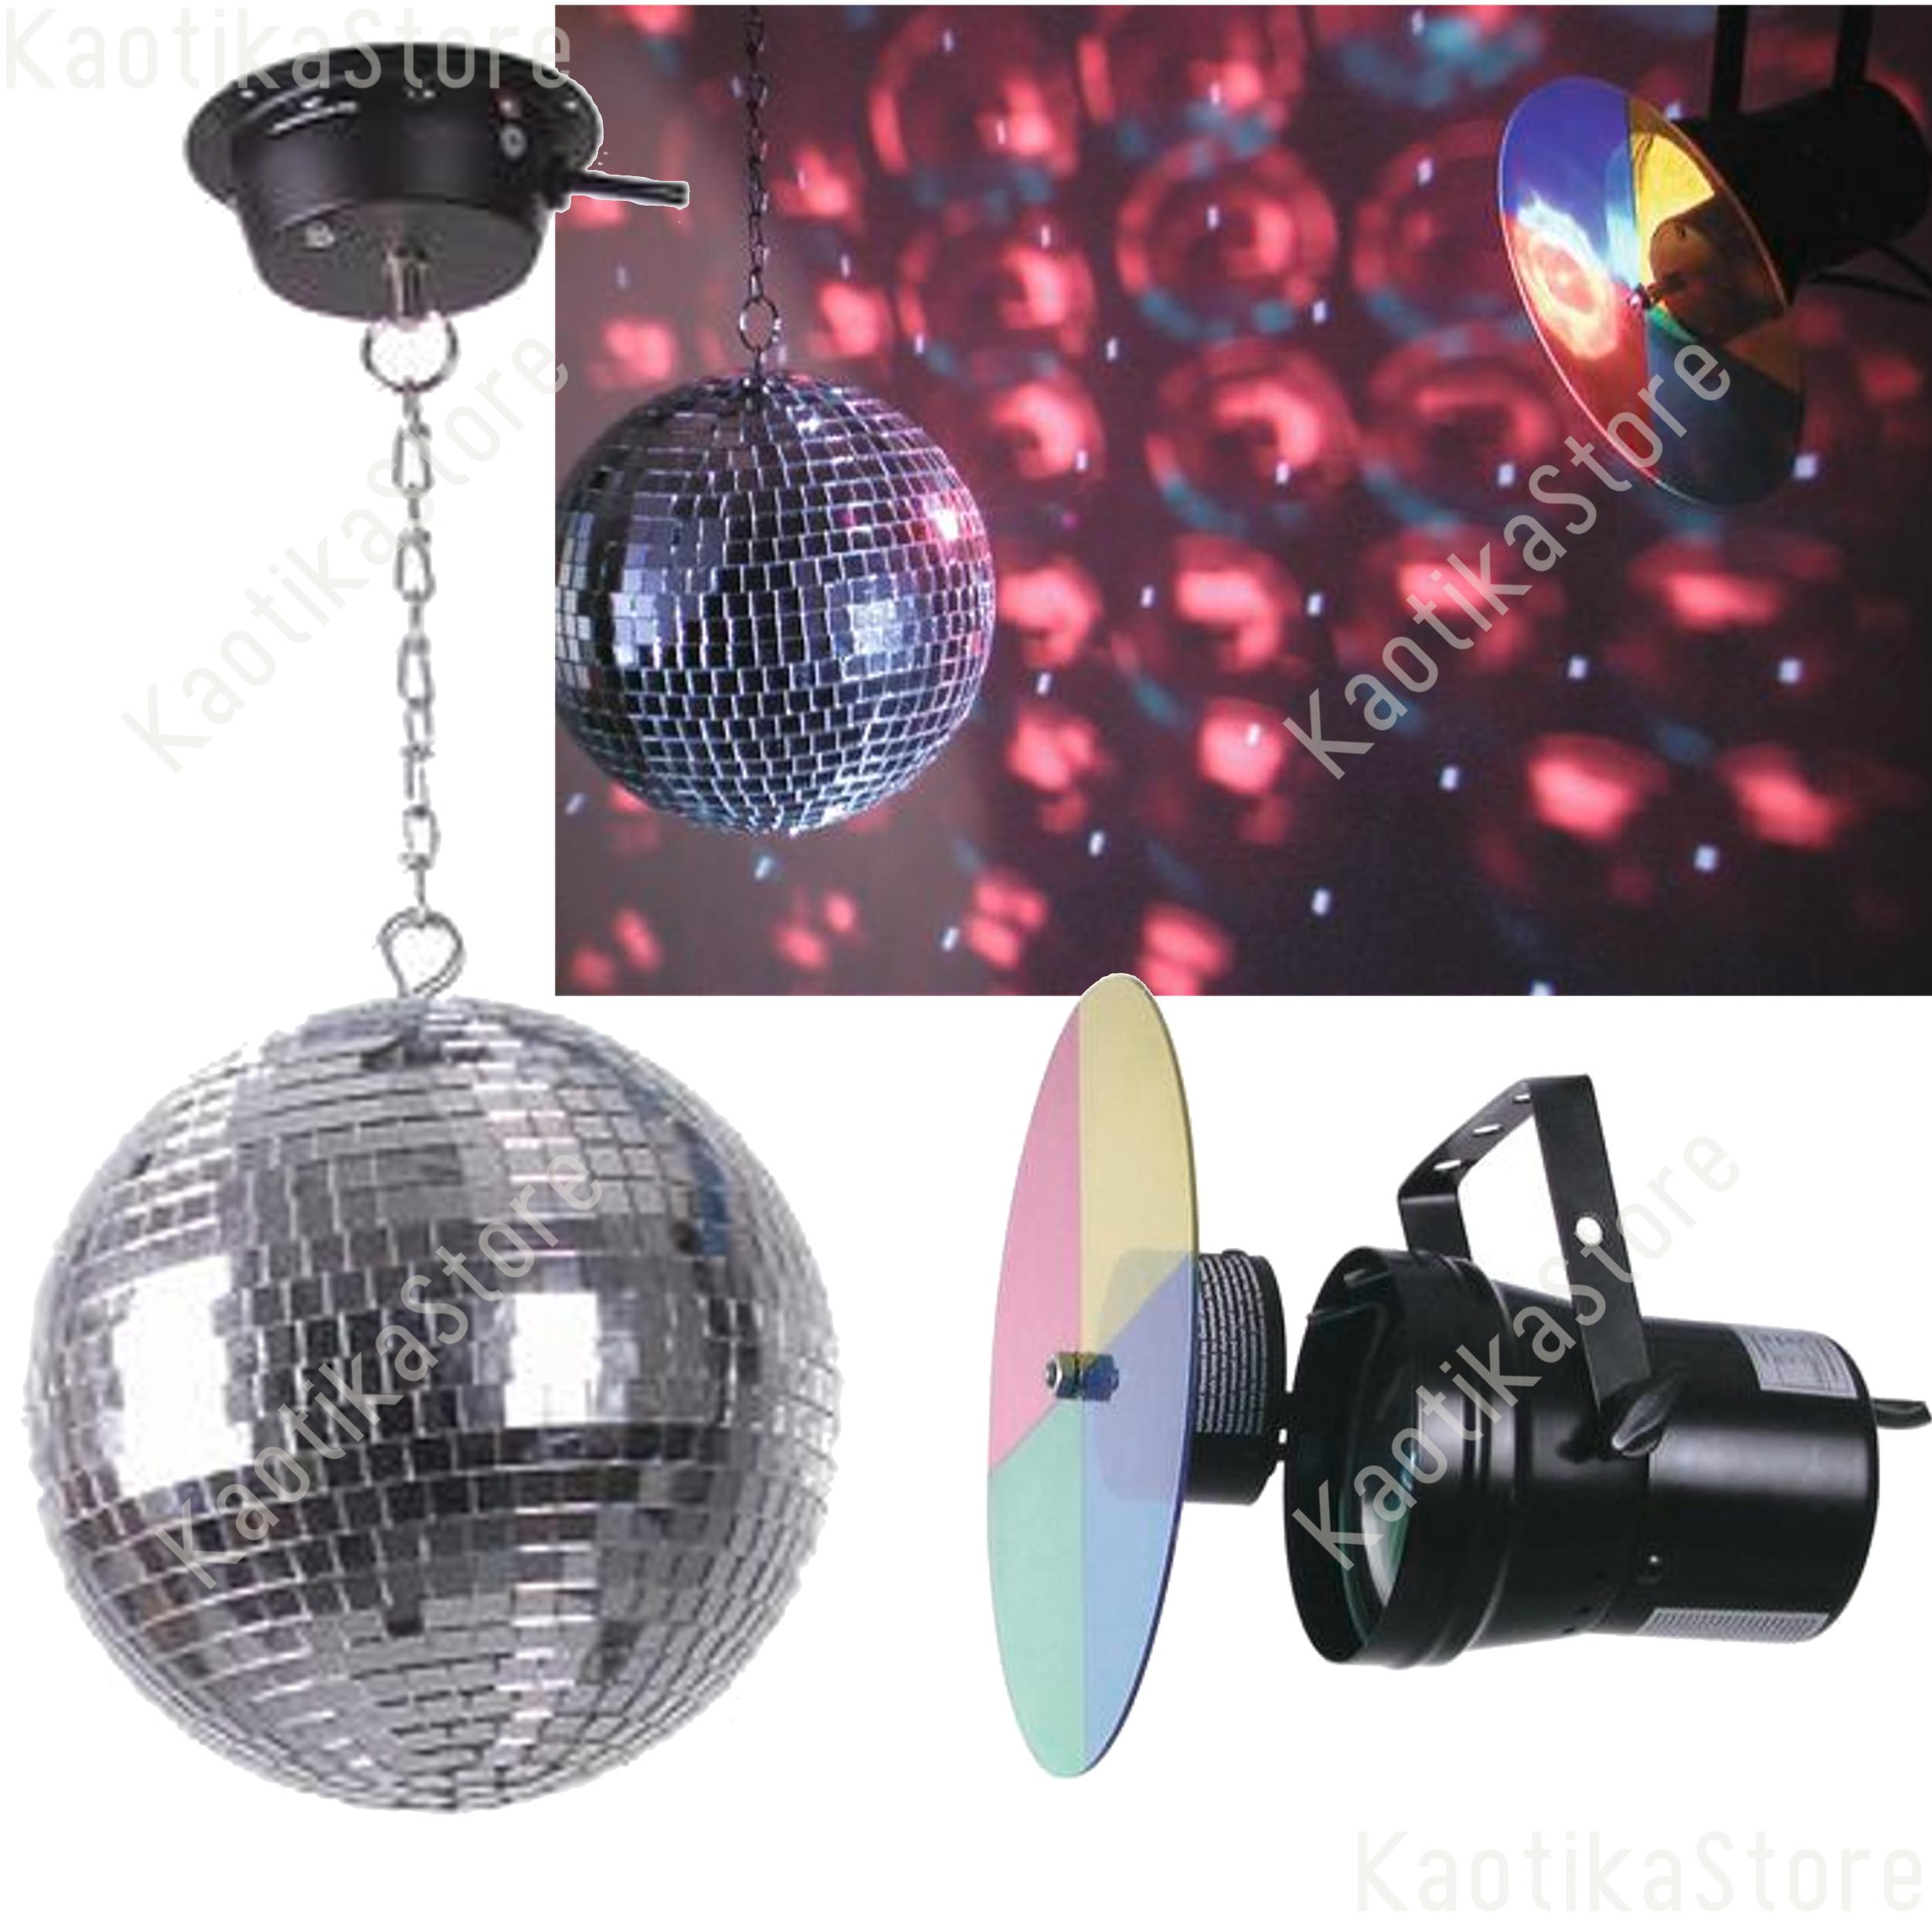 Palla sfera specchi dj 20cm motore faretto par36 ruota - Specchi riflessi karaoke ...